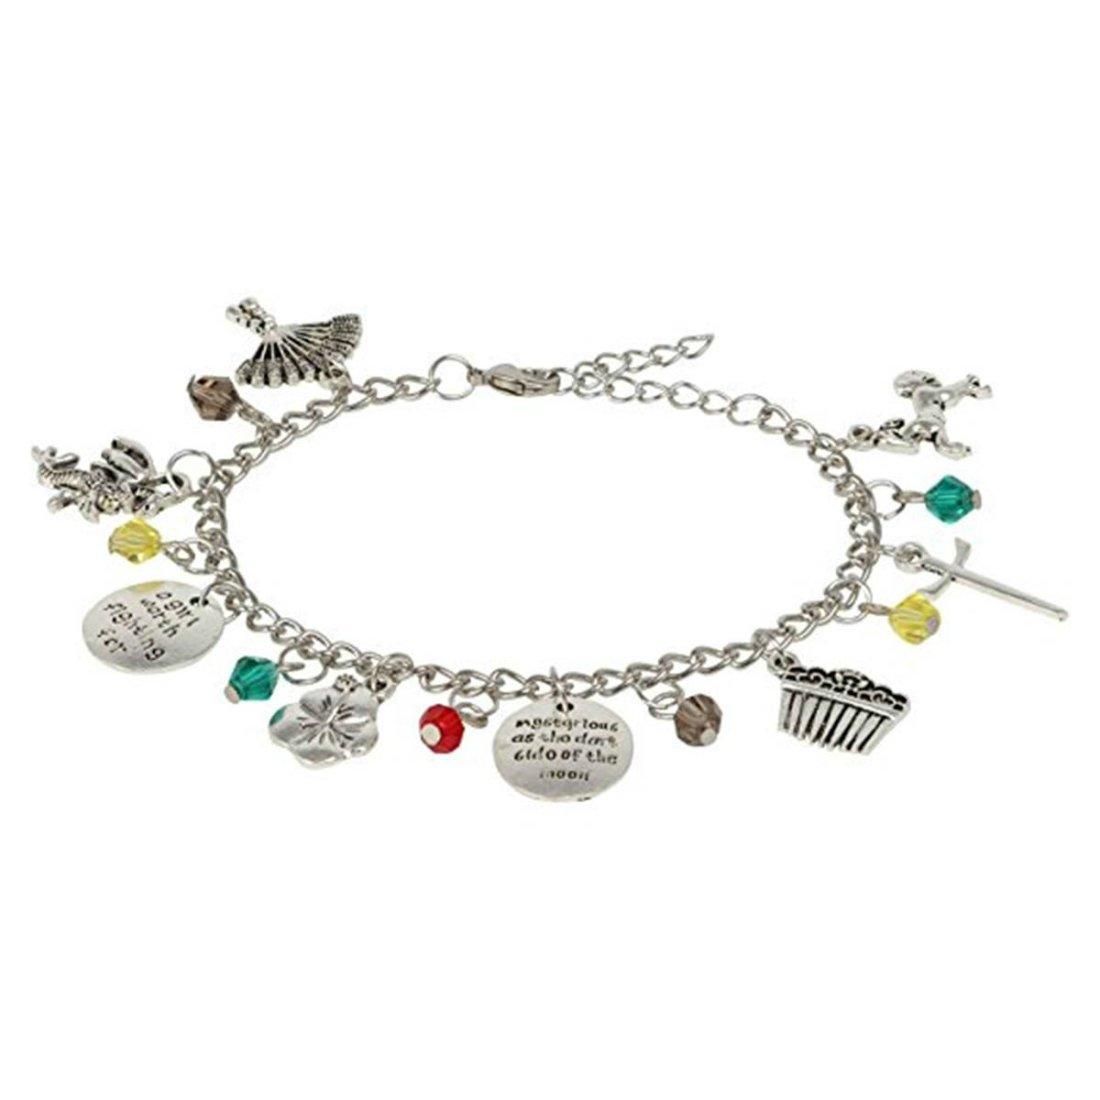 Athena Brand Disney Mulan Charm Bracelet Movie Series Premium Jewelry Multi Charms Movie Collection